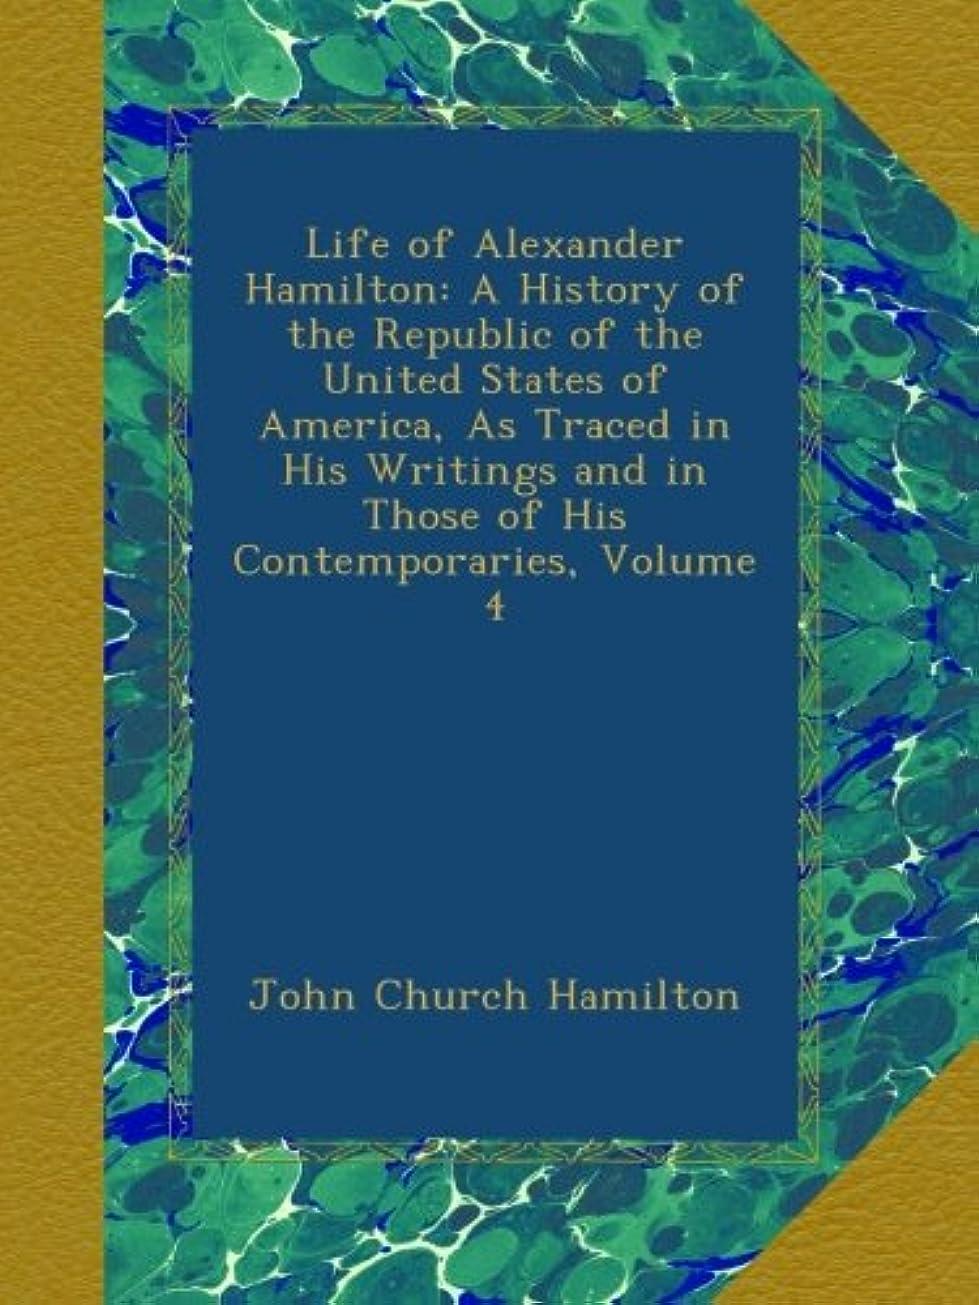 指定する作成する引用Life of Alexander Hamilton: A History of the Republic of the United States of America, As Traced in His Writings and in Those of His Contemporaries, Volume 4